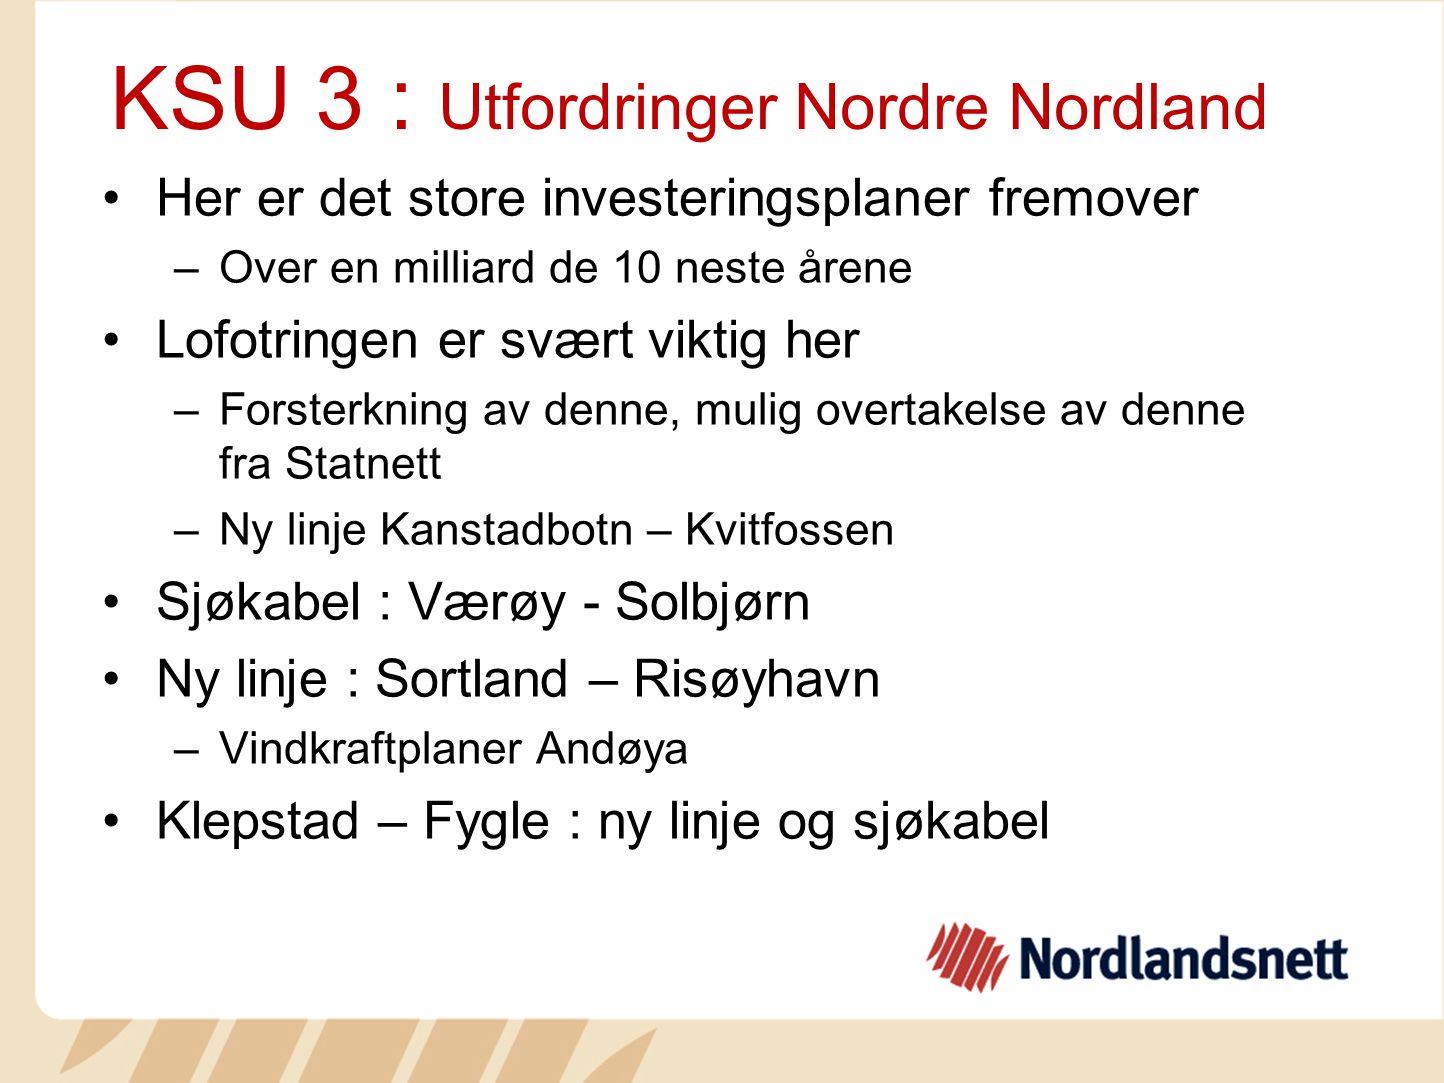 KSU 3 : Utfordringer Nordre Nordland